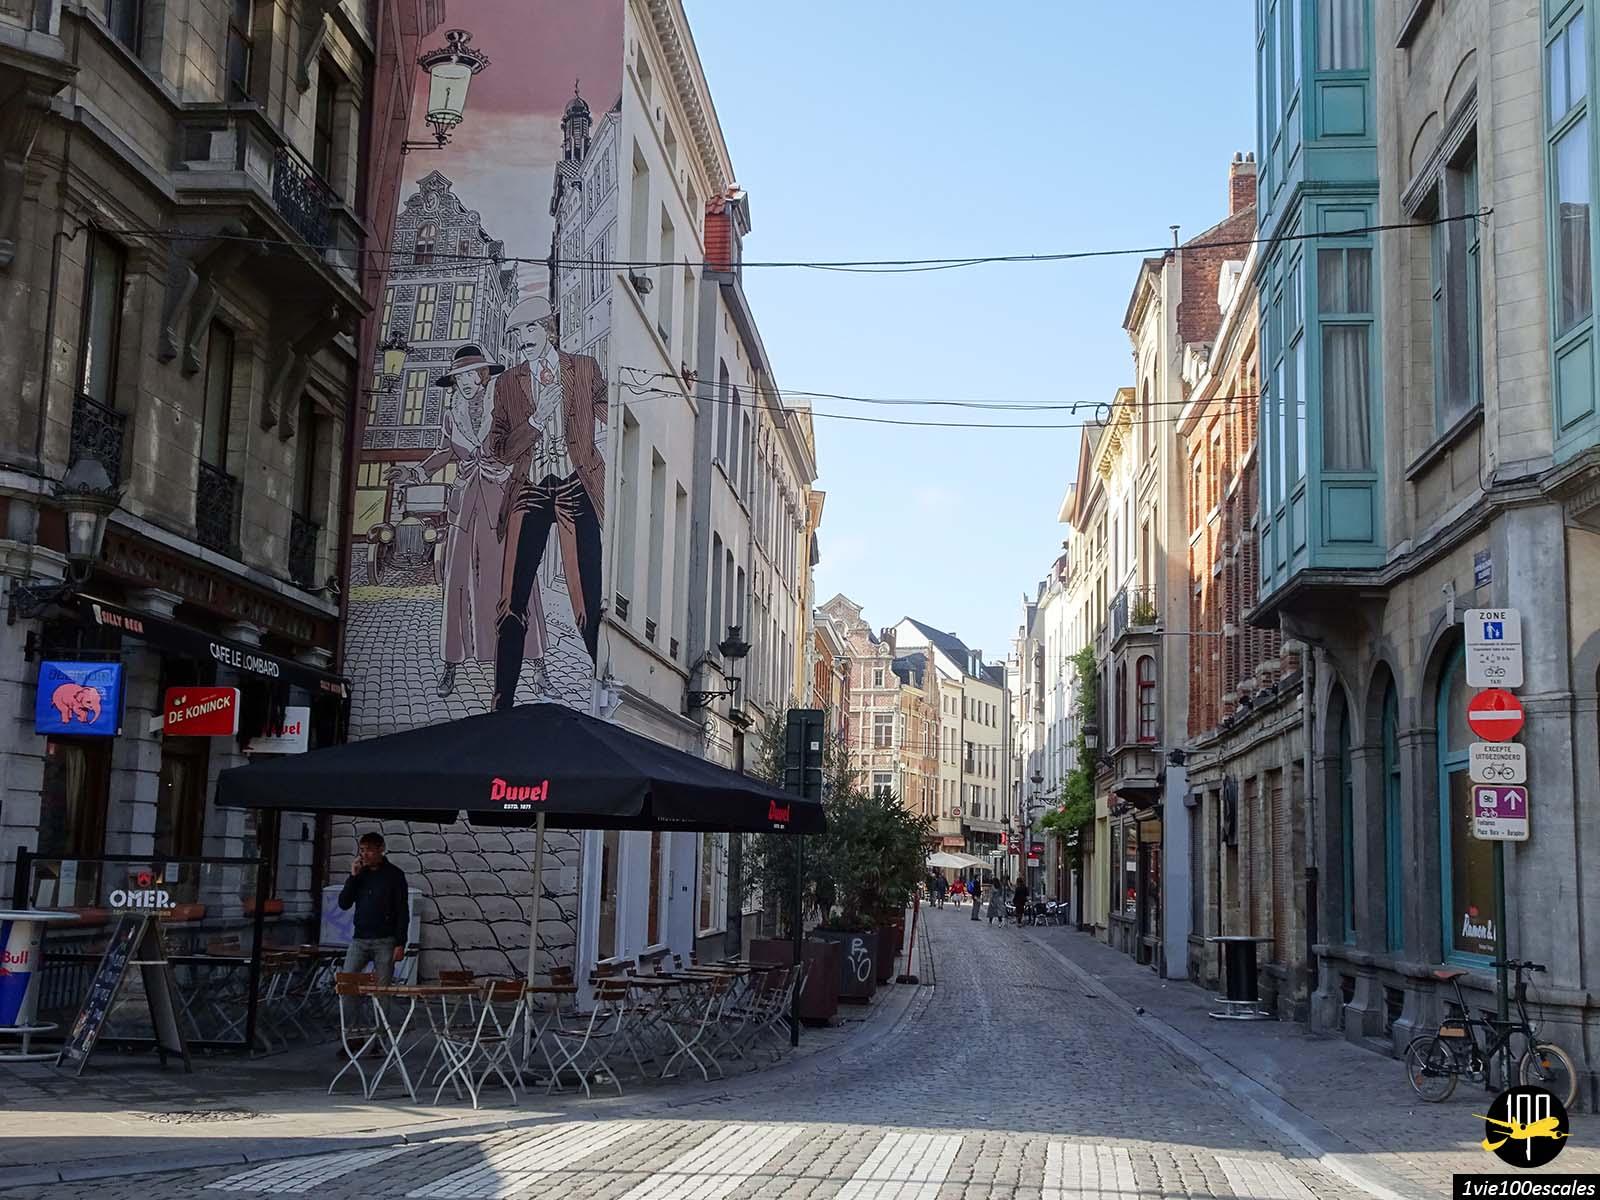 L'architecture des rues du centre ville de Bruxelles avec ses murs sur la bande dessinée